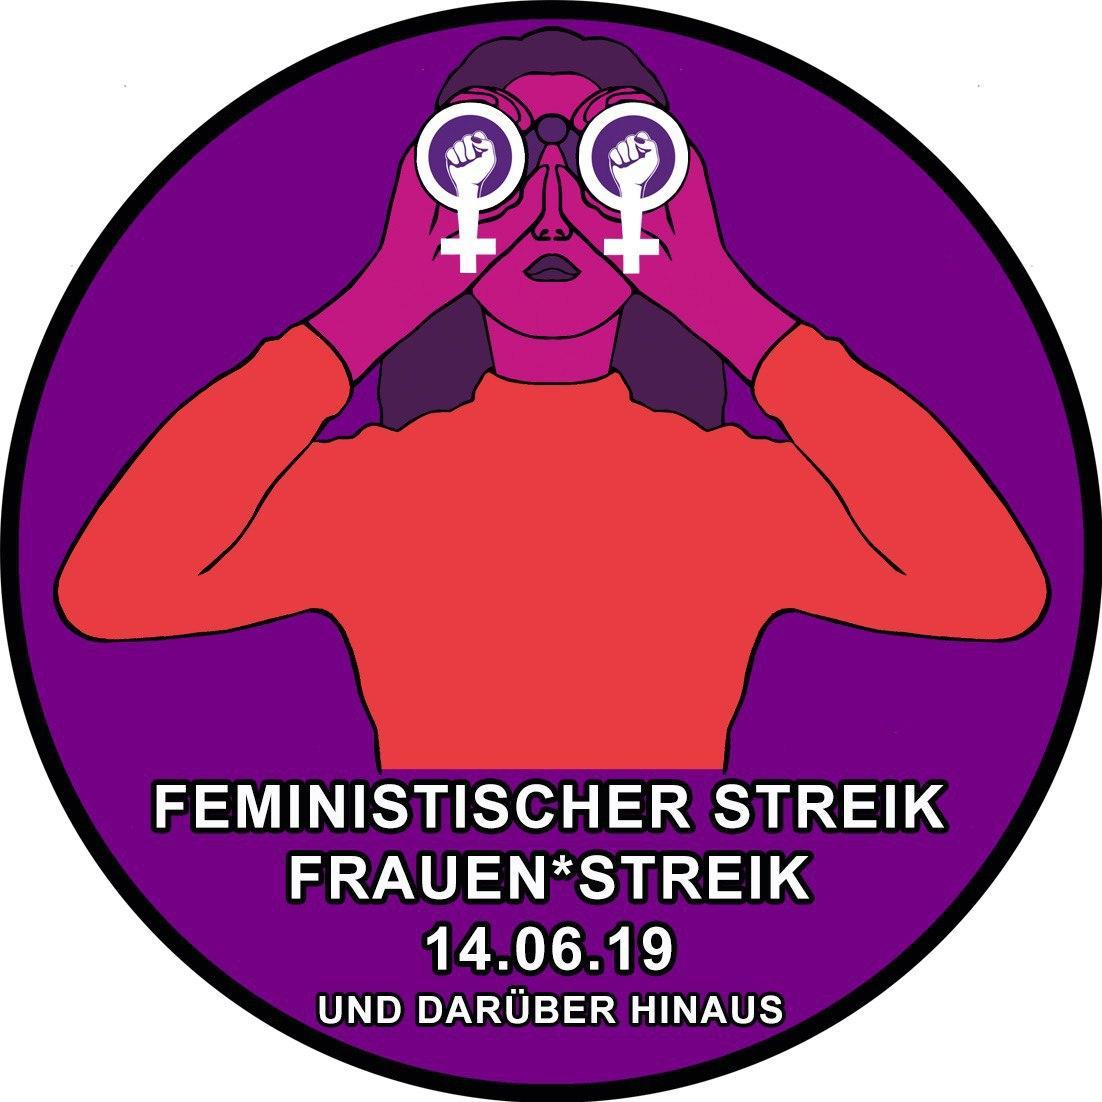 """Logo des Frauen*streikkollektiv Zürich, rund, mit Text """"Feministischer Streik Frauen*streik 14.06.19 und darüber hinaus"""""""